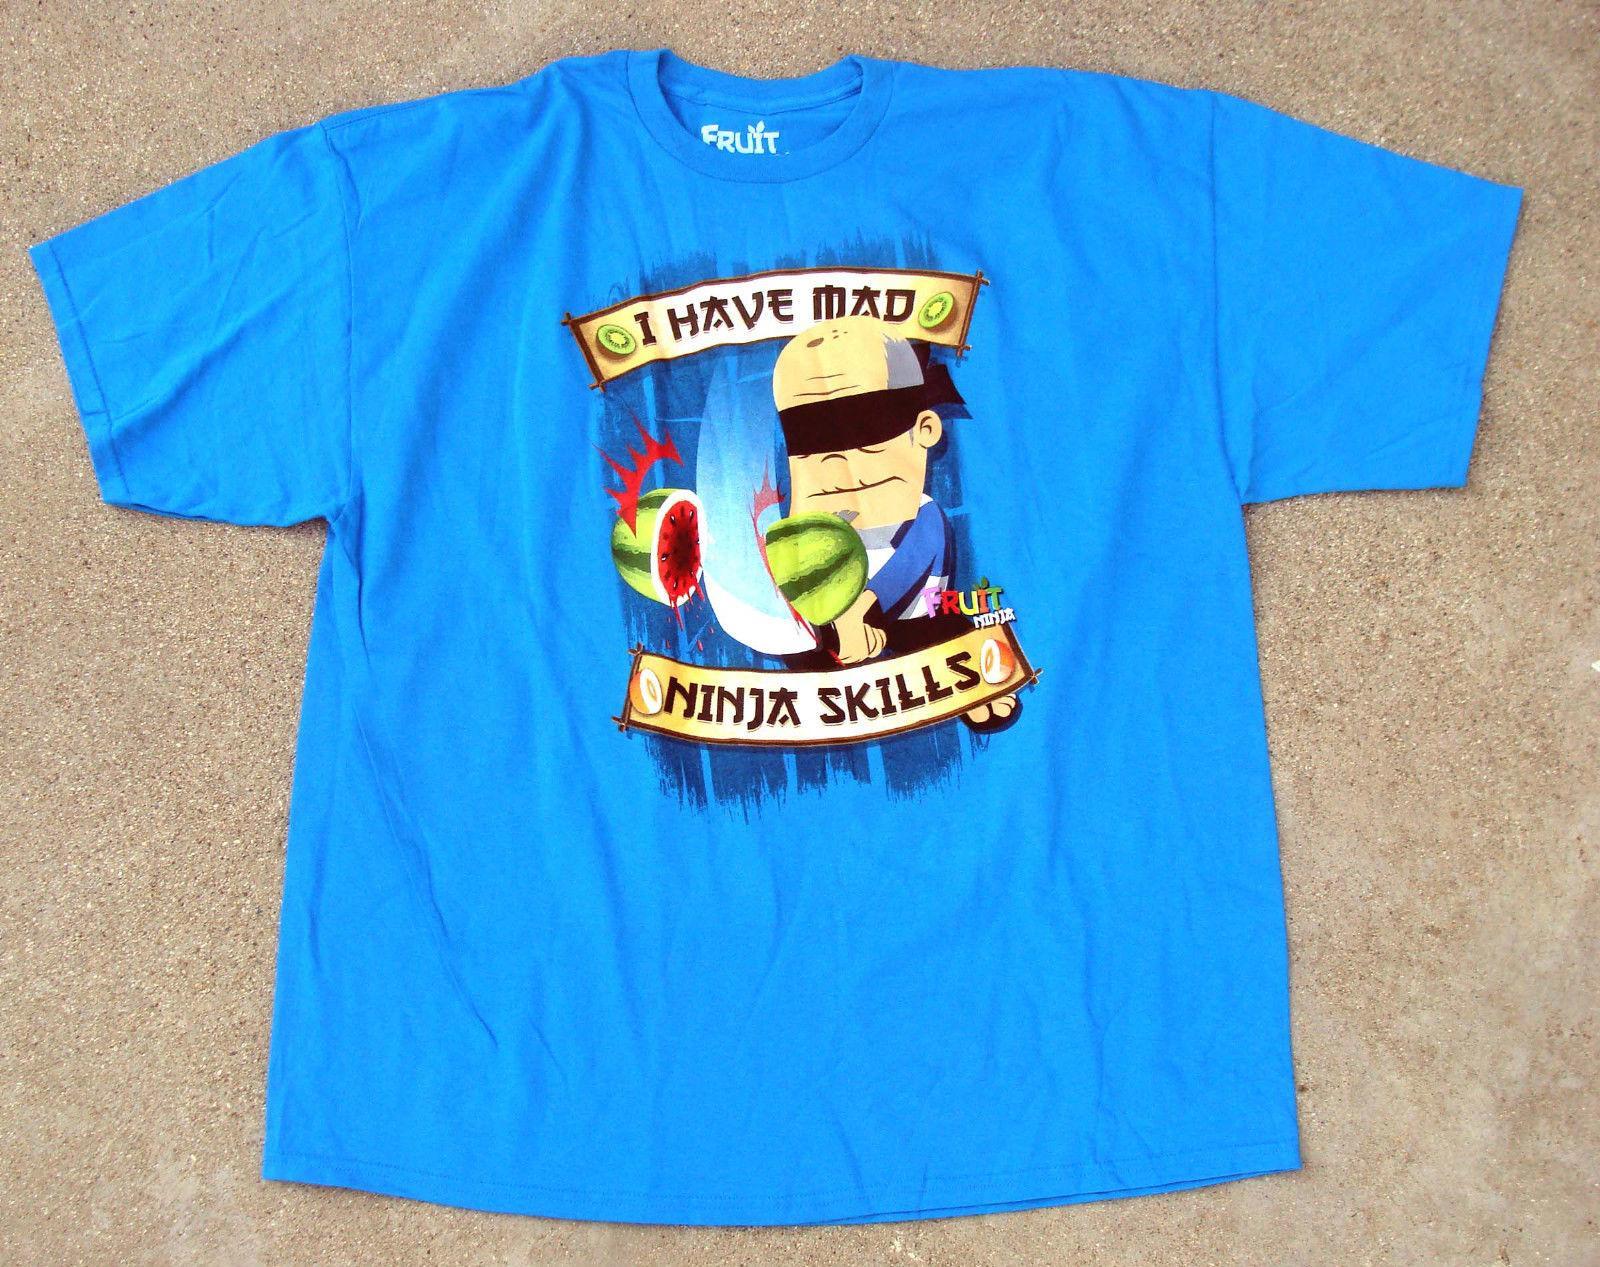 f6f74f6ea Compre Fruta Ninja Azul Camiseta Homens Tamanhos Eu Tenho Louco Ninja  Habilidades NOVO Personalizado Camiseta Foto Do Texto Do Logotipo Dos  Homens Das ...